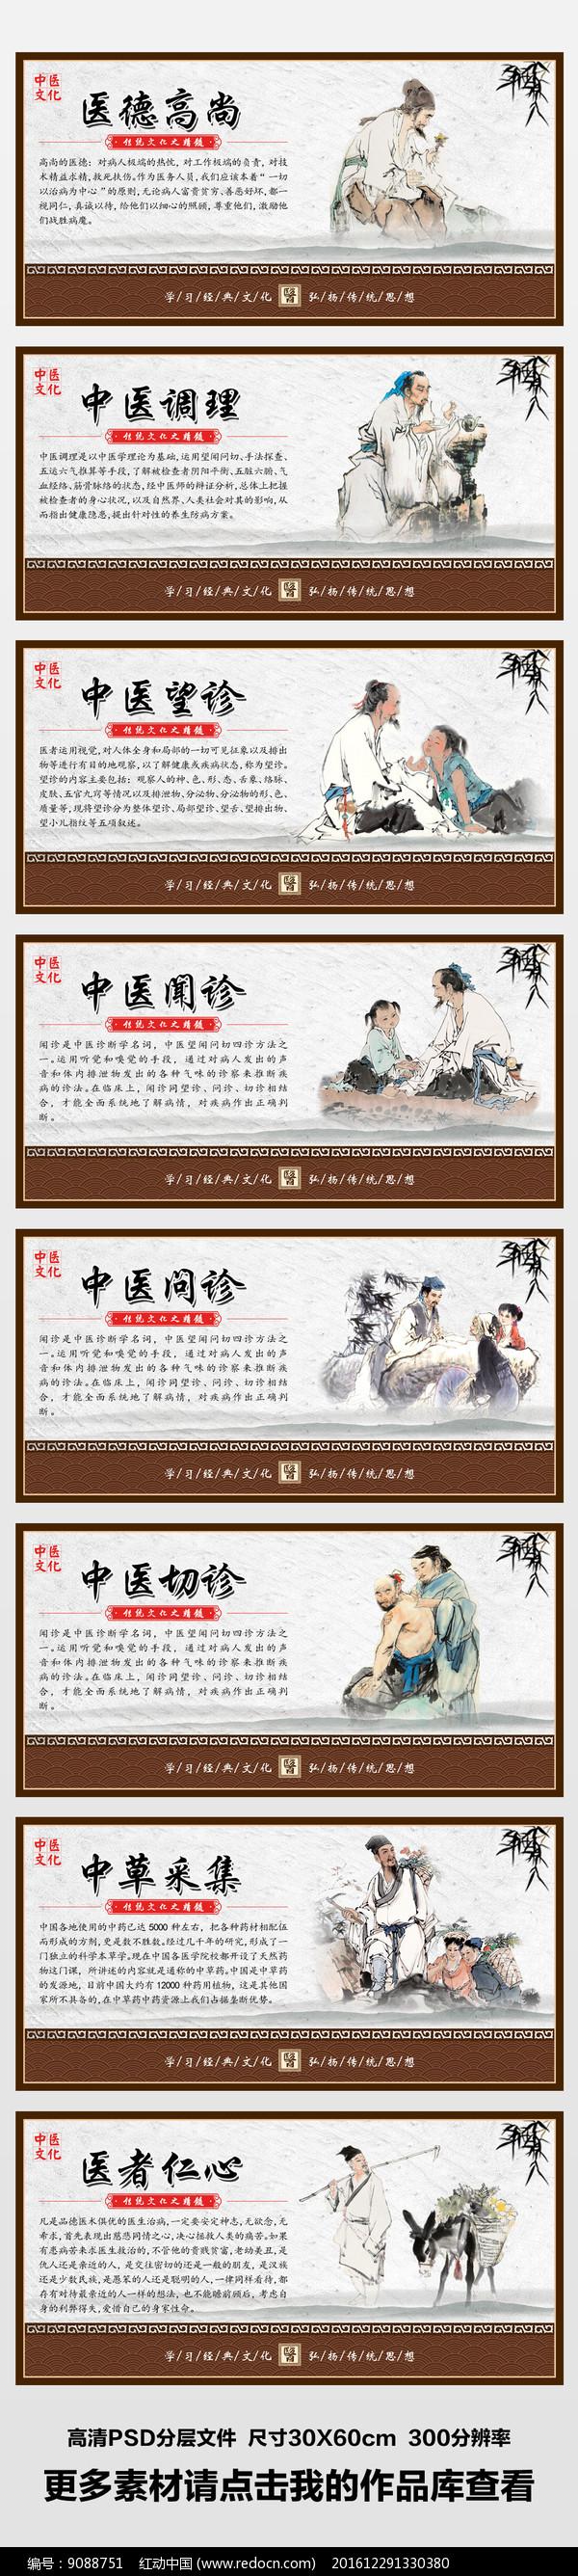 整套大气传统中医文化展板挂画图片